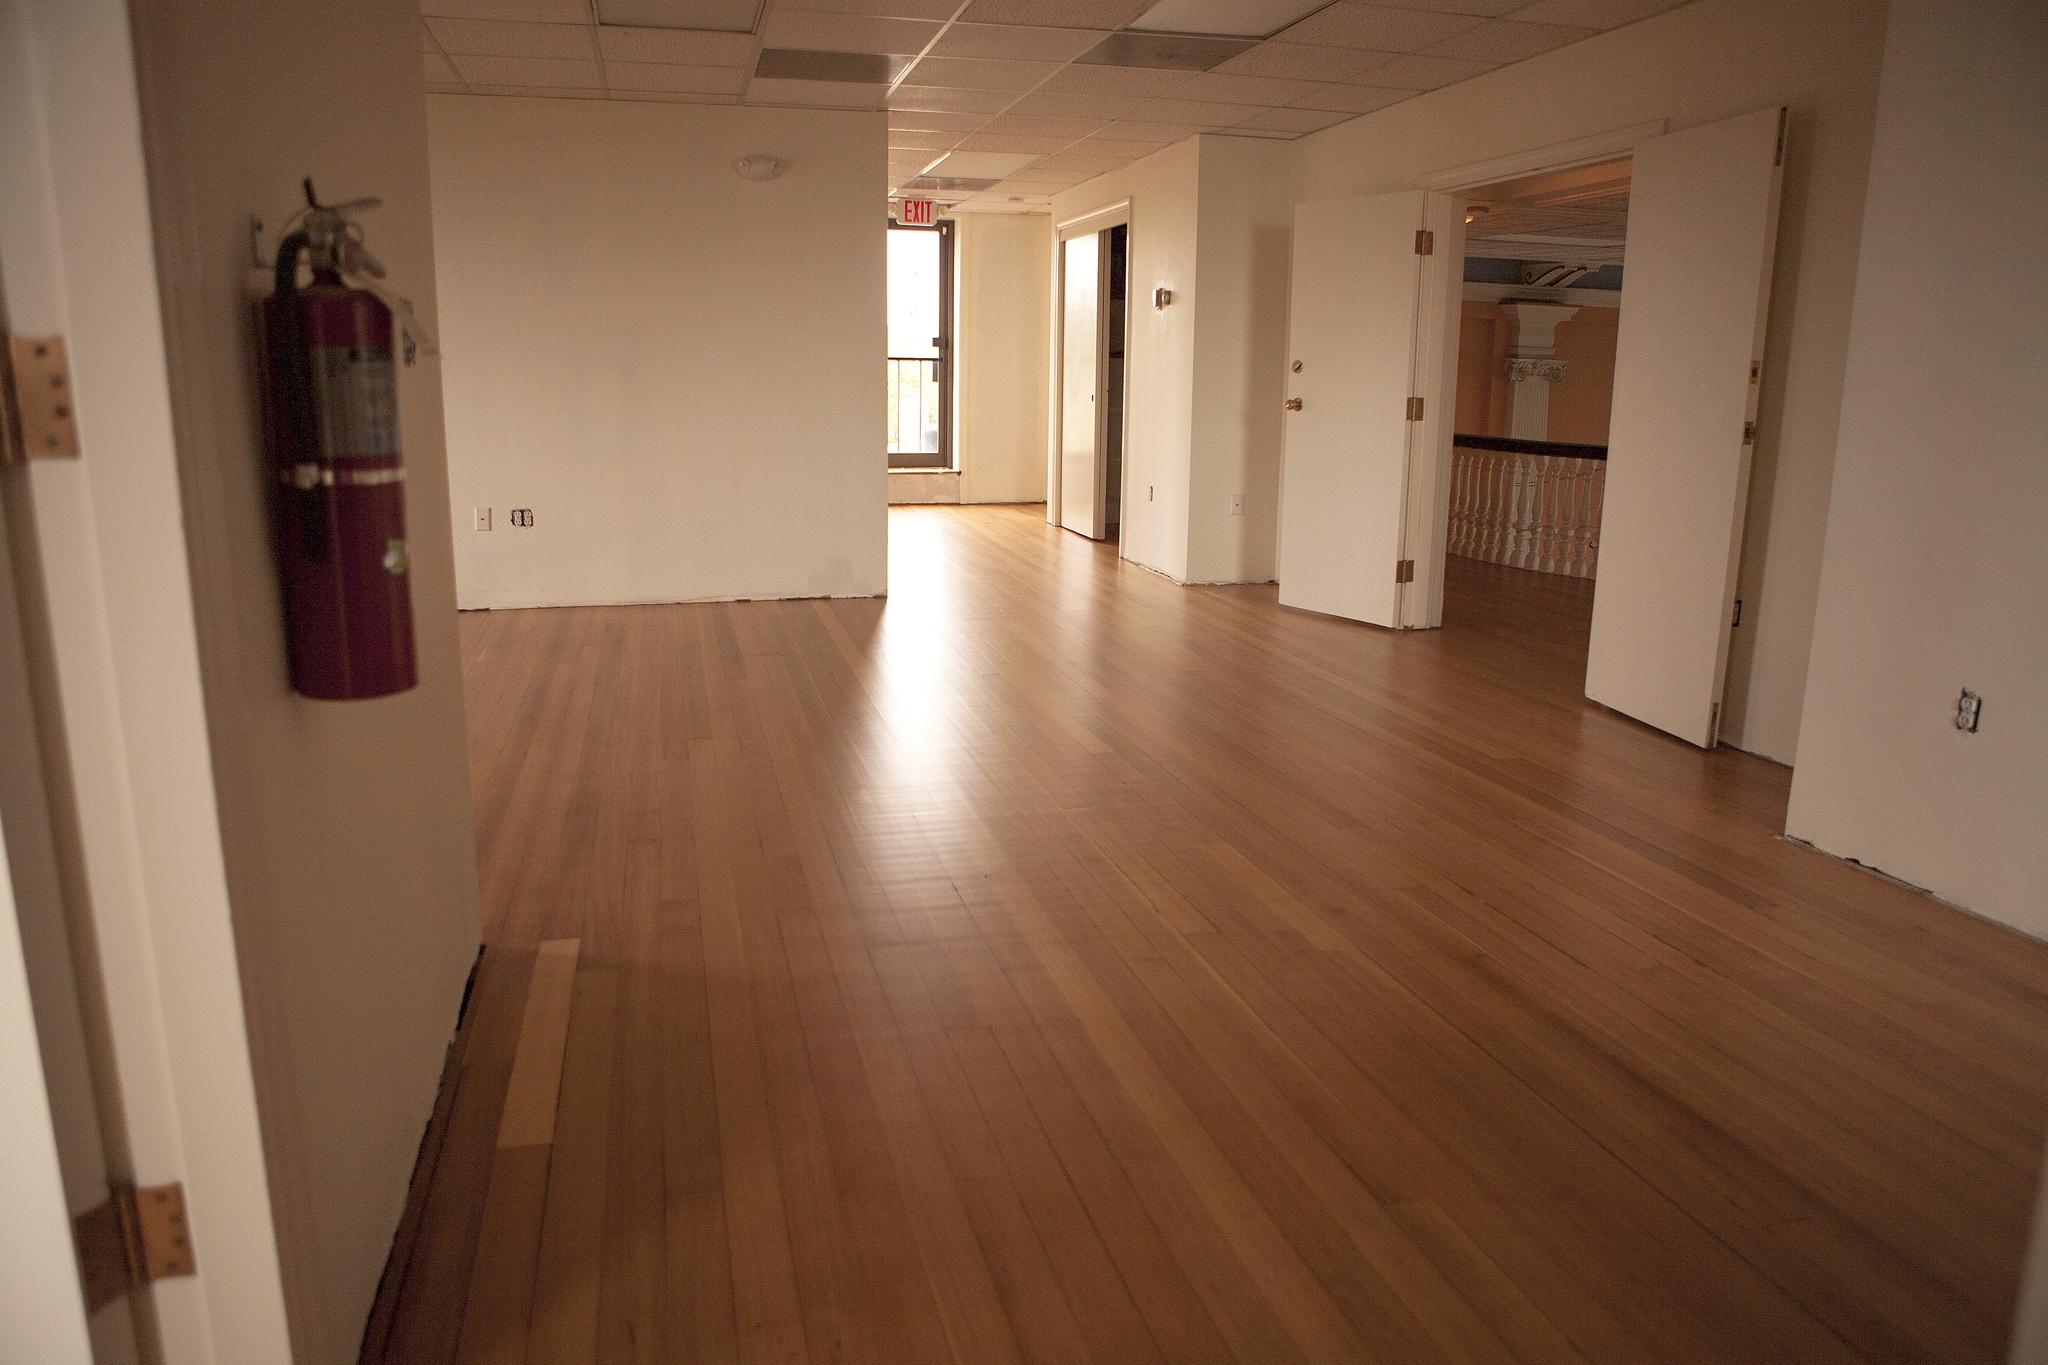 Kaip išsirinkti grindis?